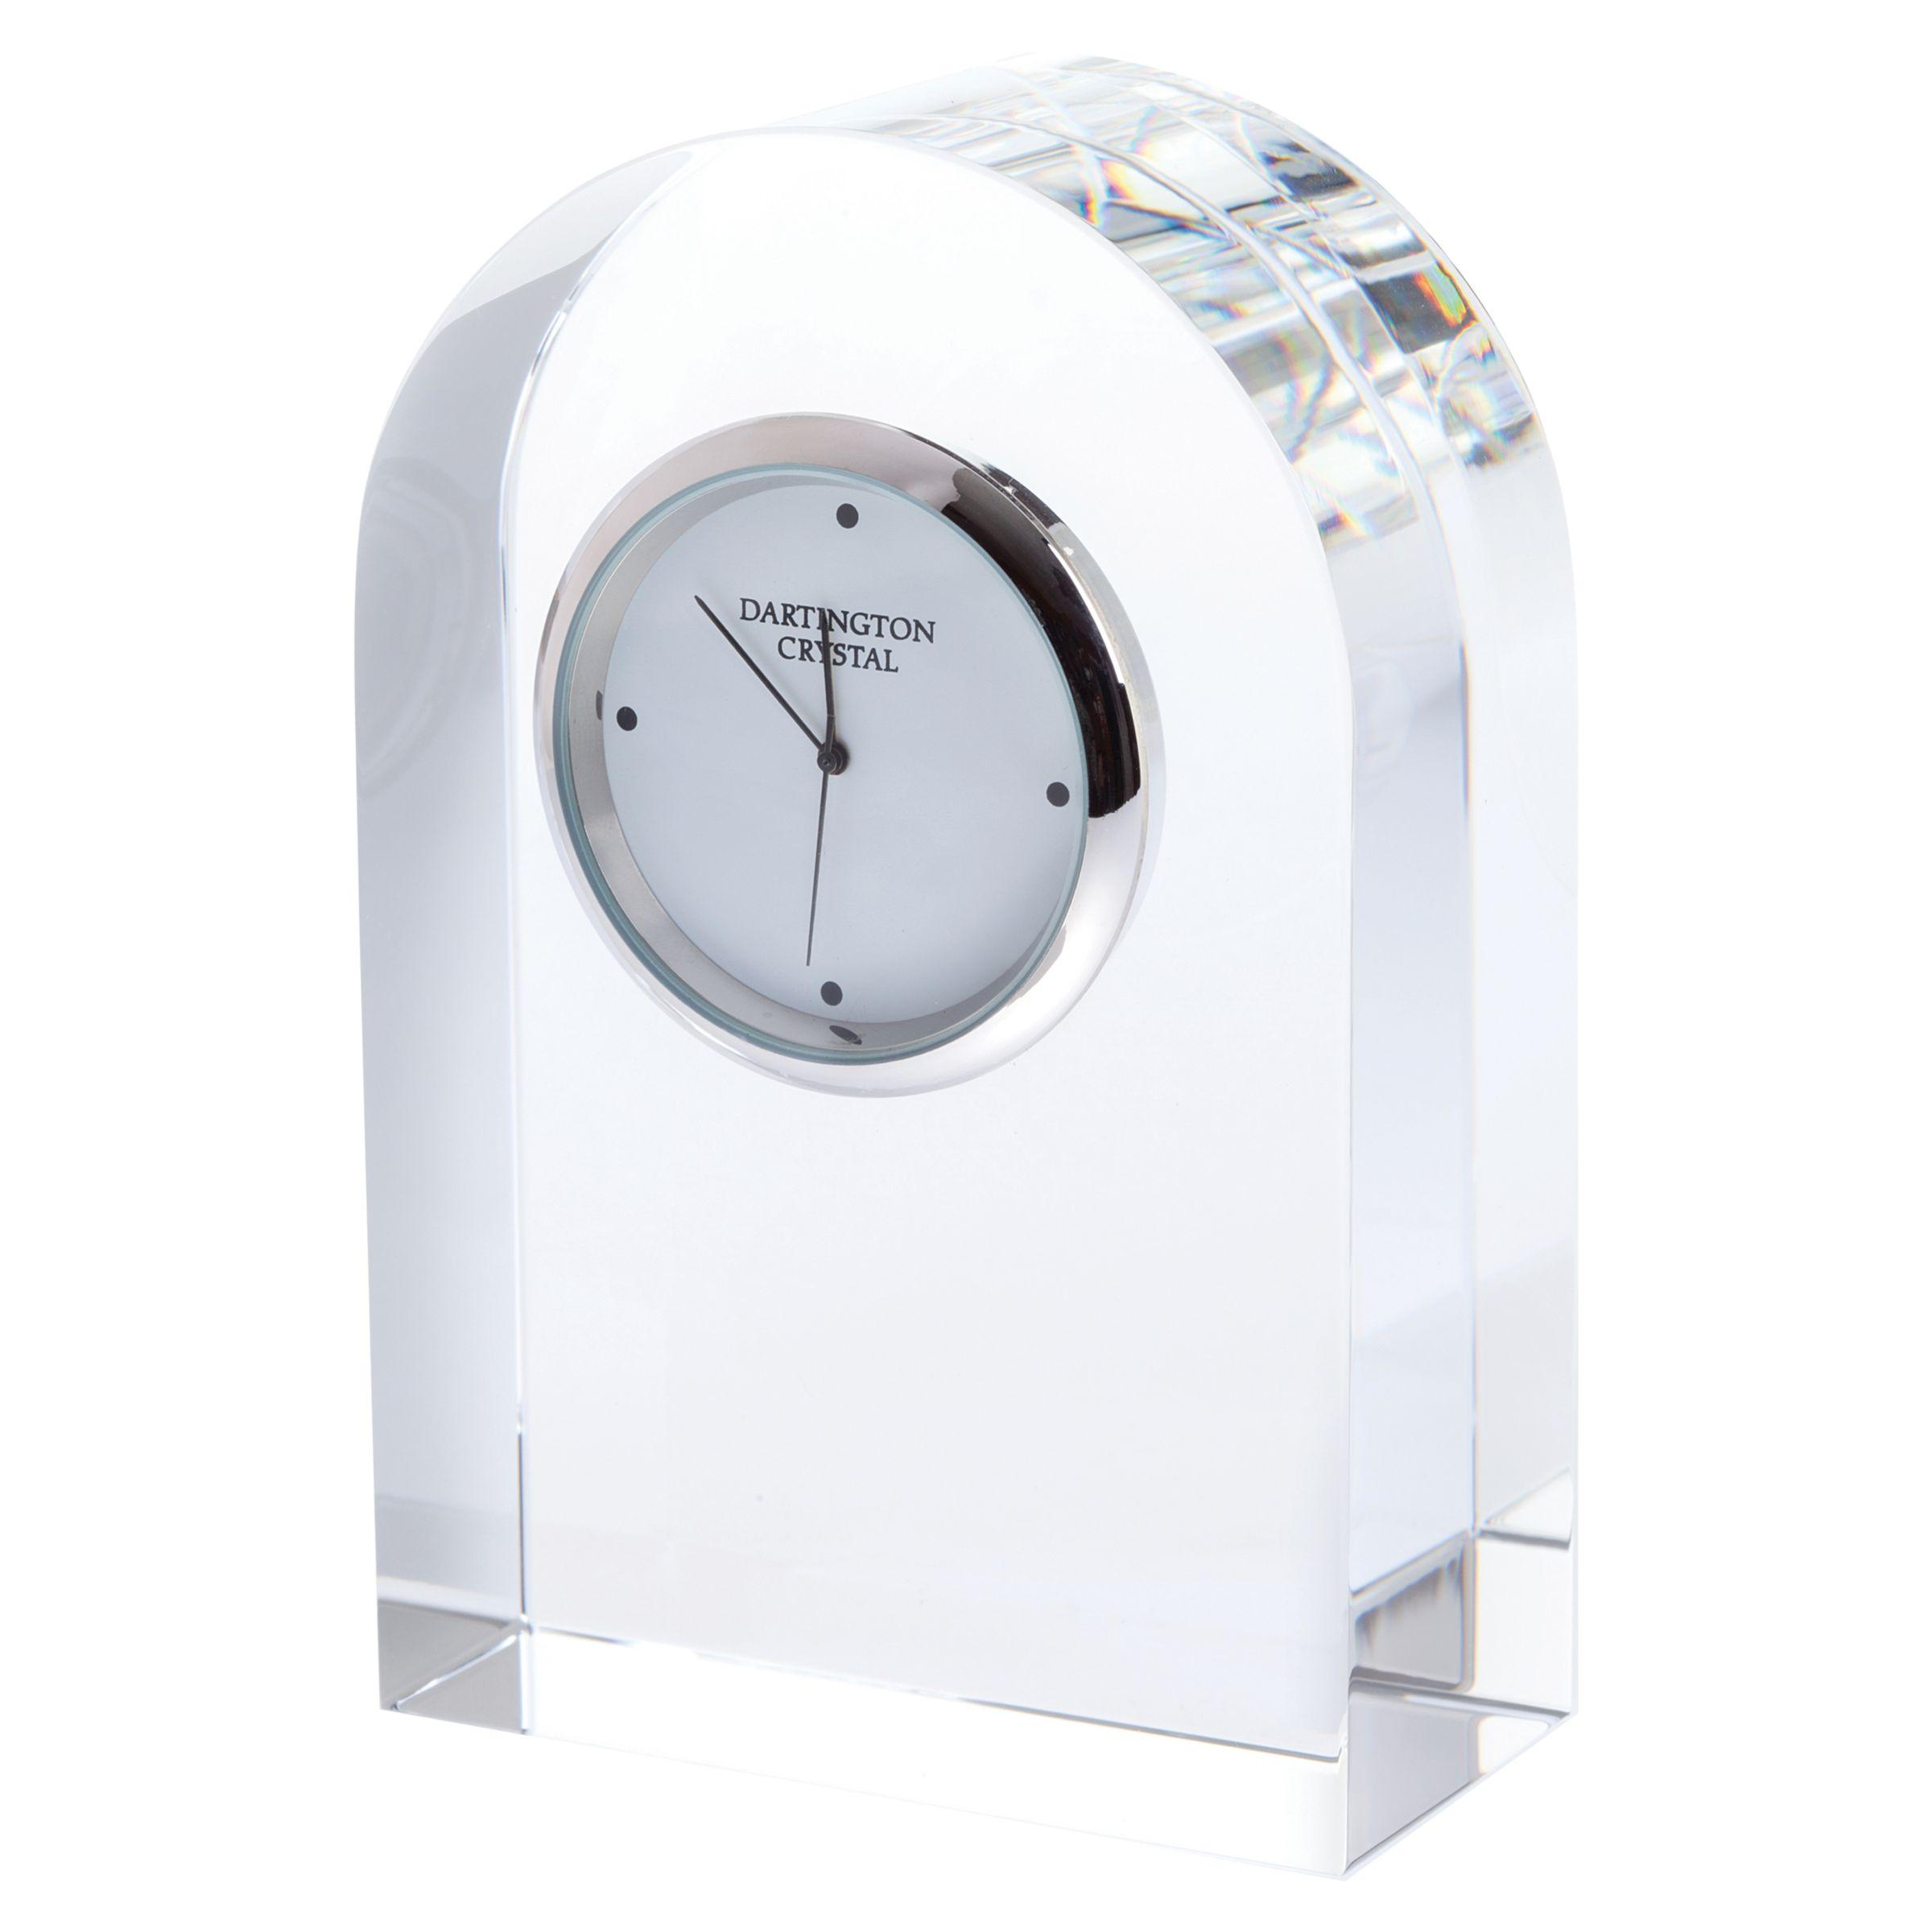 Dartington Crystal Dartington Crystal Small Curve Clock, Clear